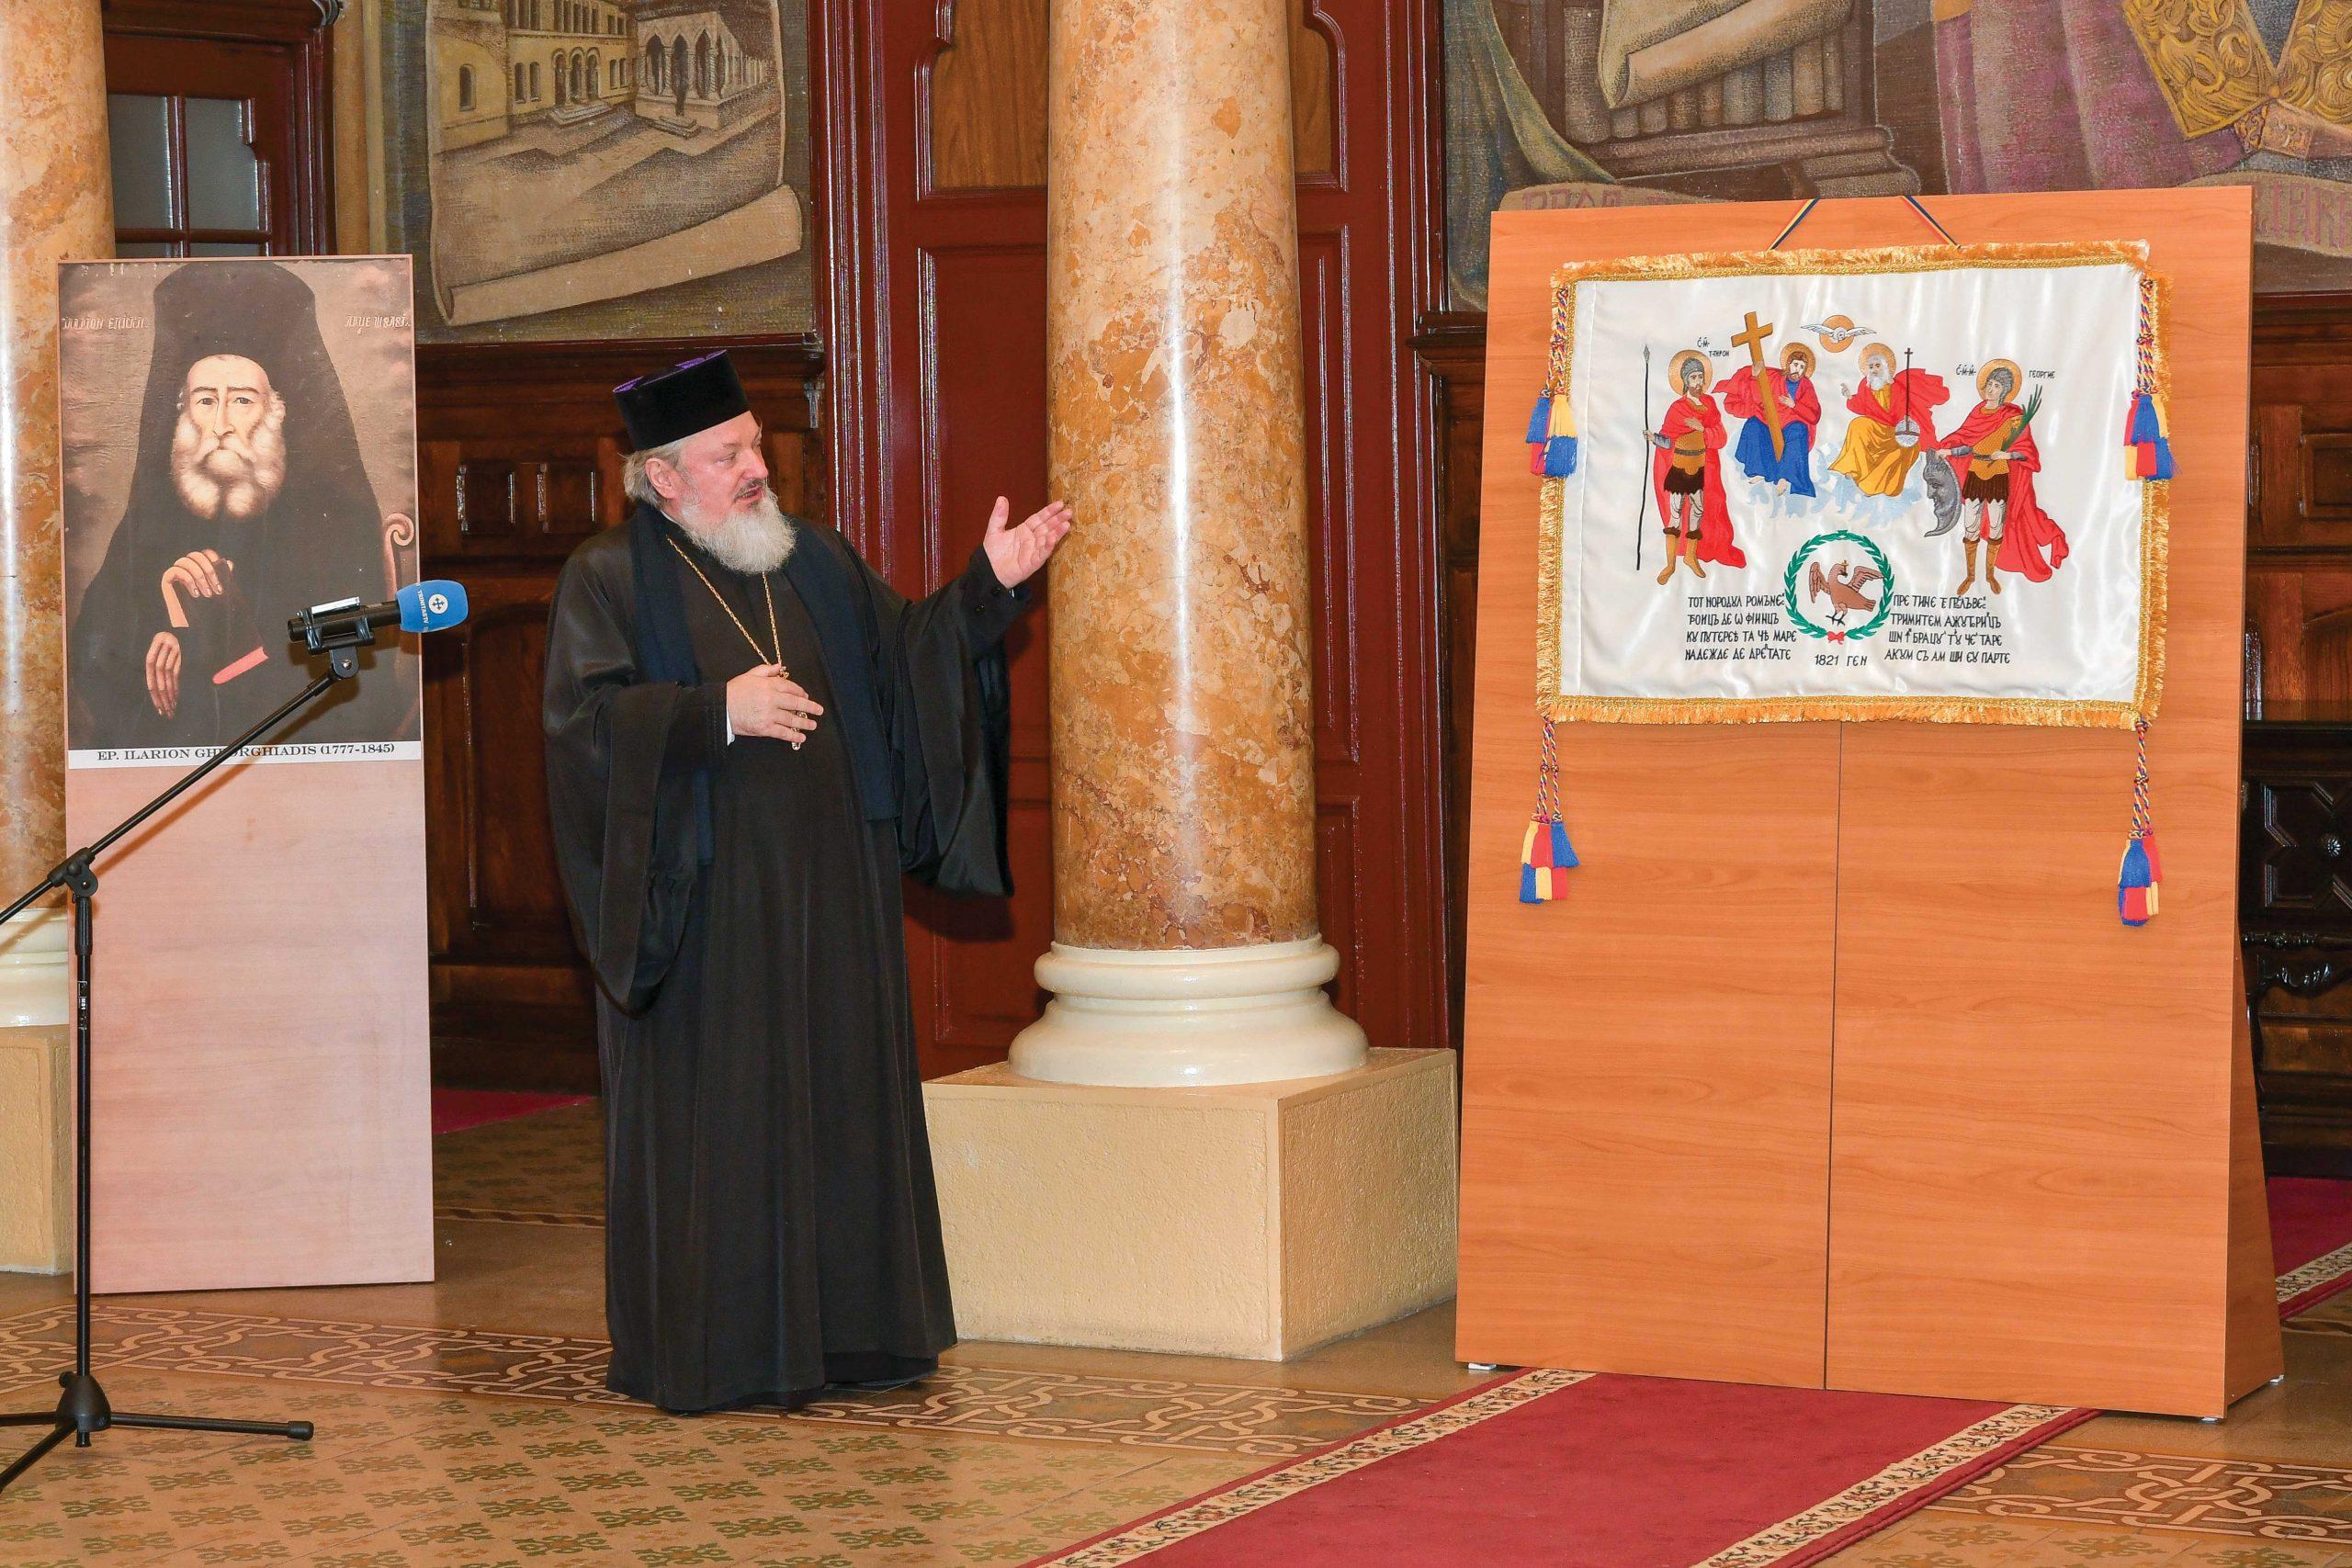 Expoziție dedicată lui Tudor Vladimirescu la Biblioteca Sfântului Sinod